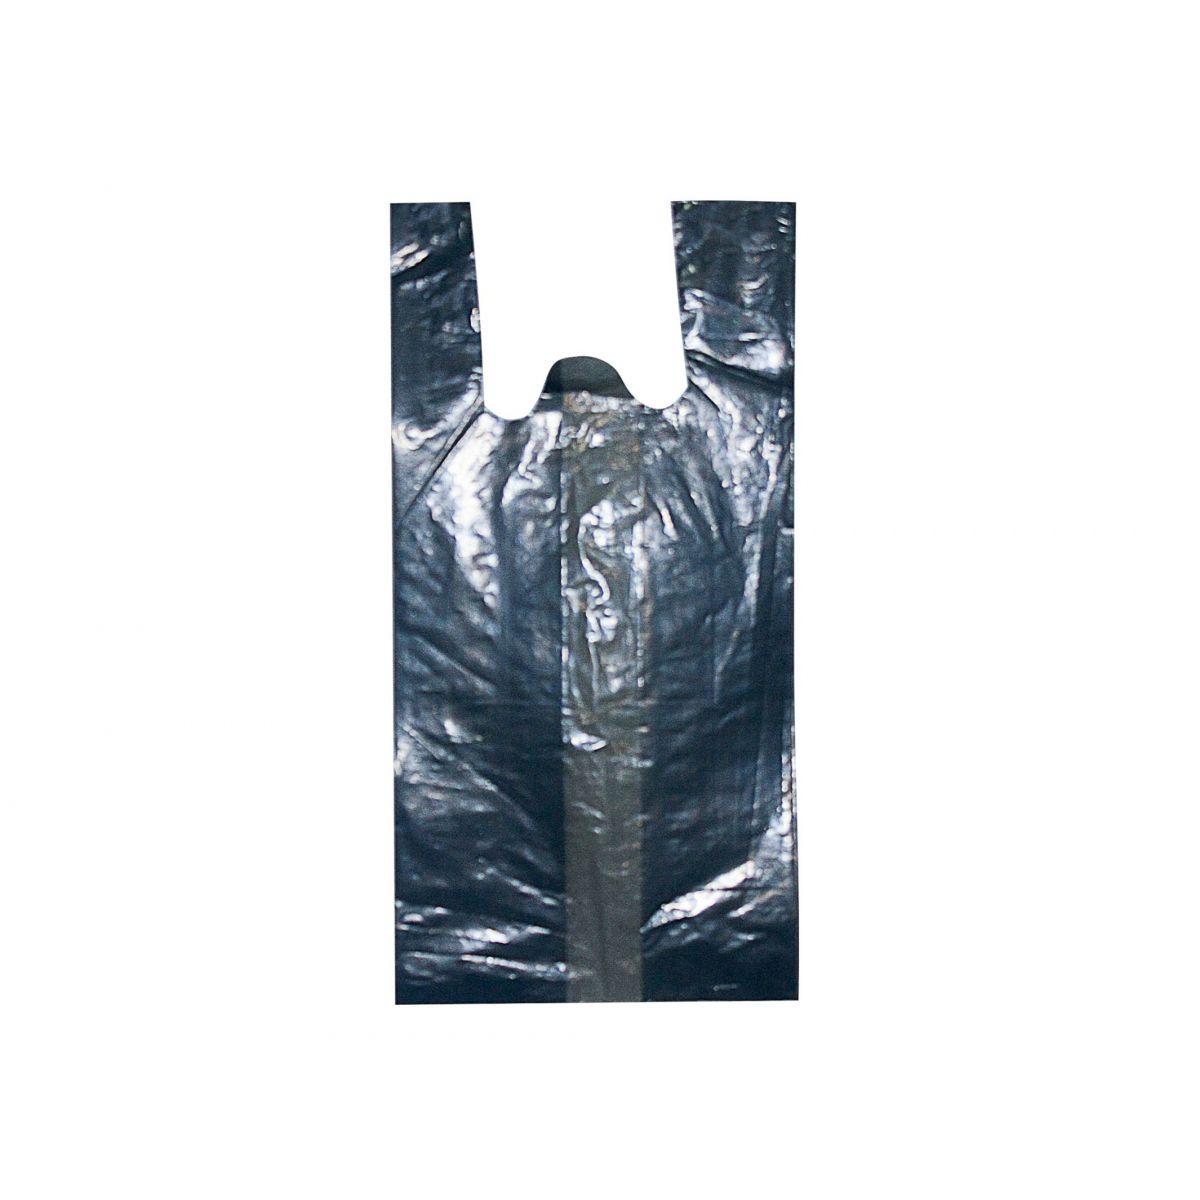 Sacola plástica Alça Camiseta - Preta Reciclada - 70x90cm - Pacote 58 unid (5 KG)